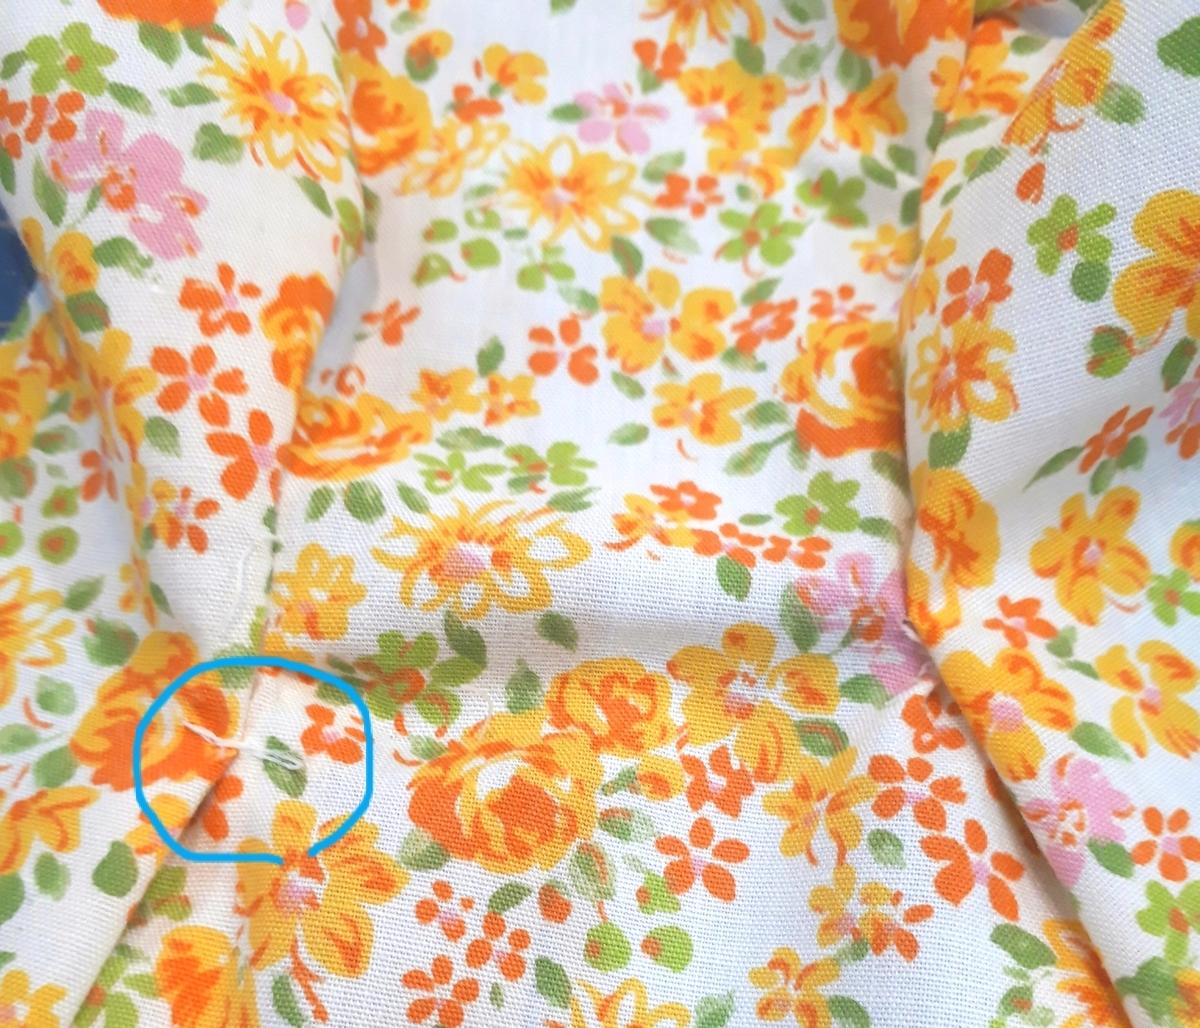 f:id:misami-33:20200720151402j:plain